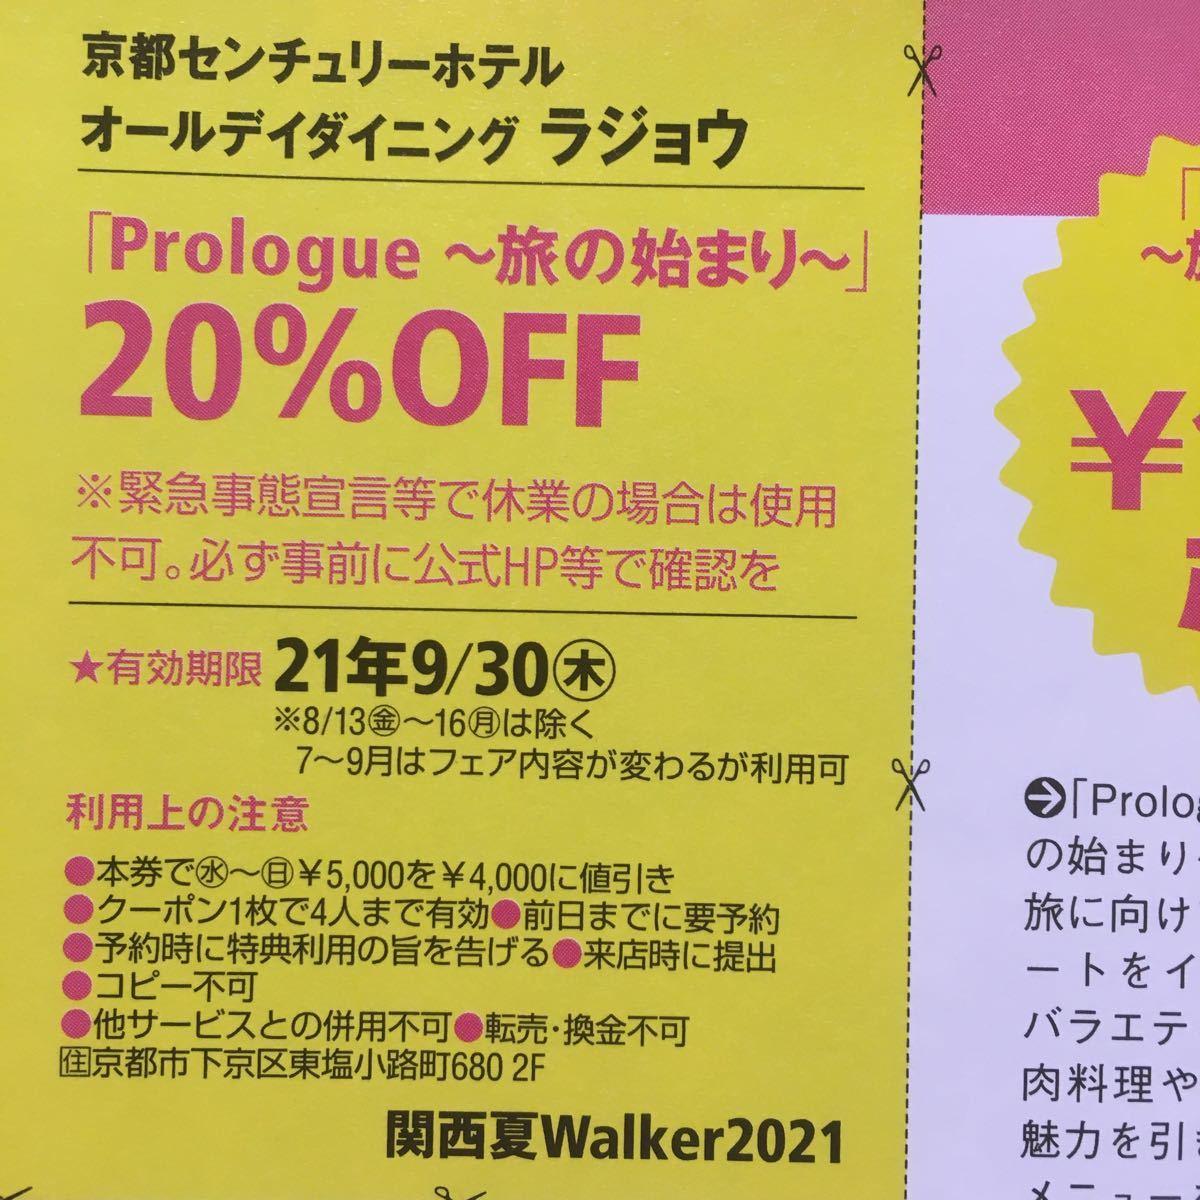 京都センチュリーホテル オールデイダイニング ラジョウ クーポン券 割引券 9/30まで_画像1